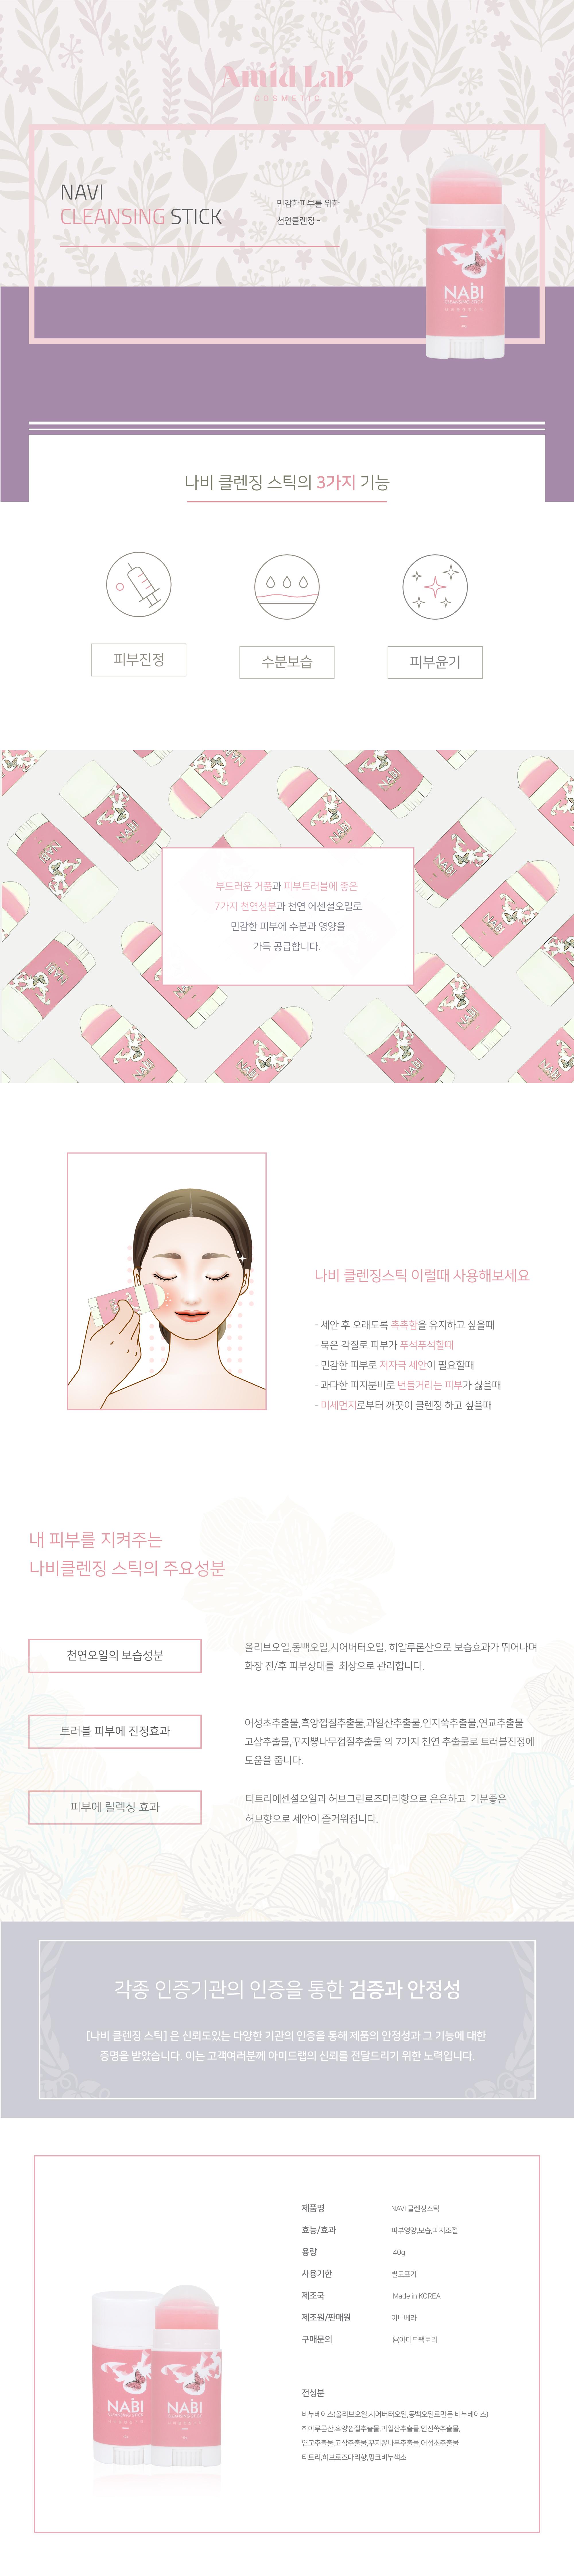 나비 아크앰플 + 클렌징 나비 스틱 - 아미드, 39,800원, 스킨케어세트, 스킨케어세트